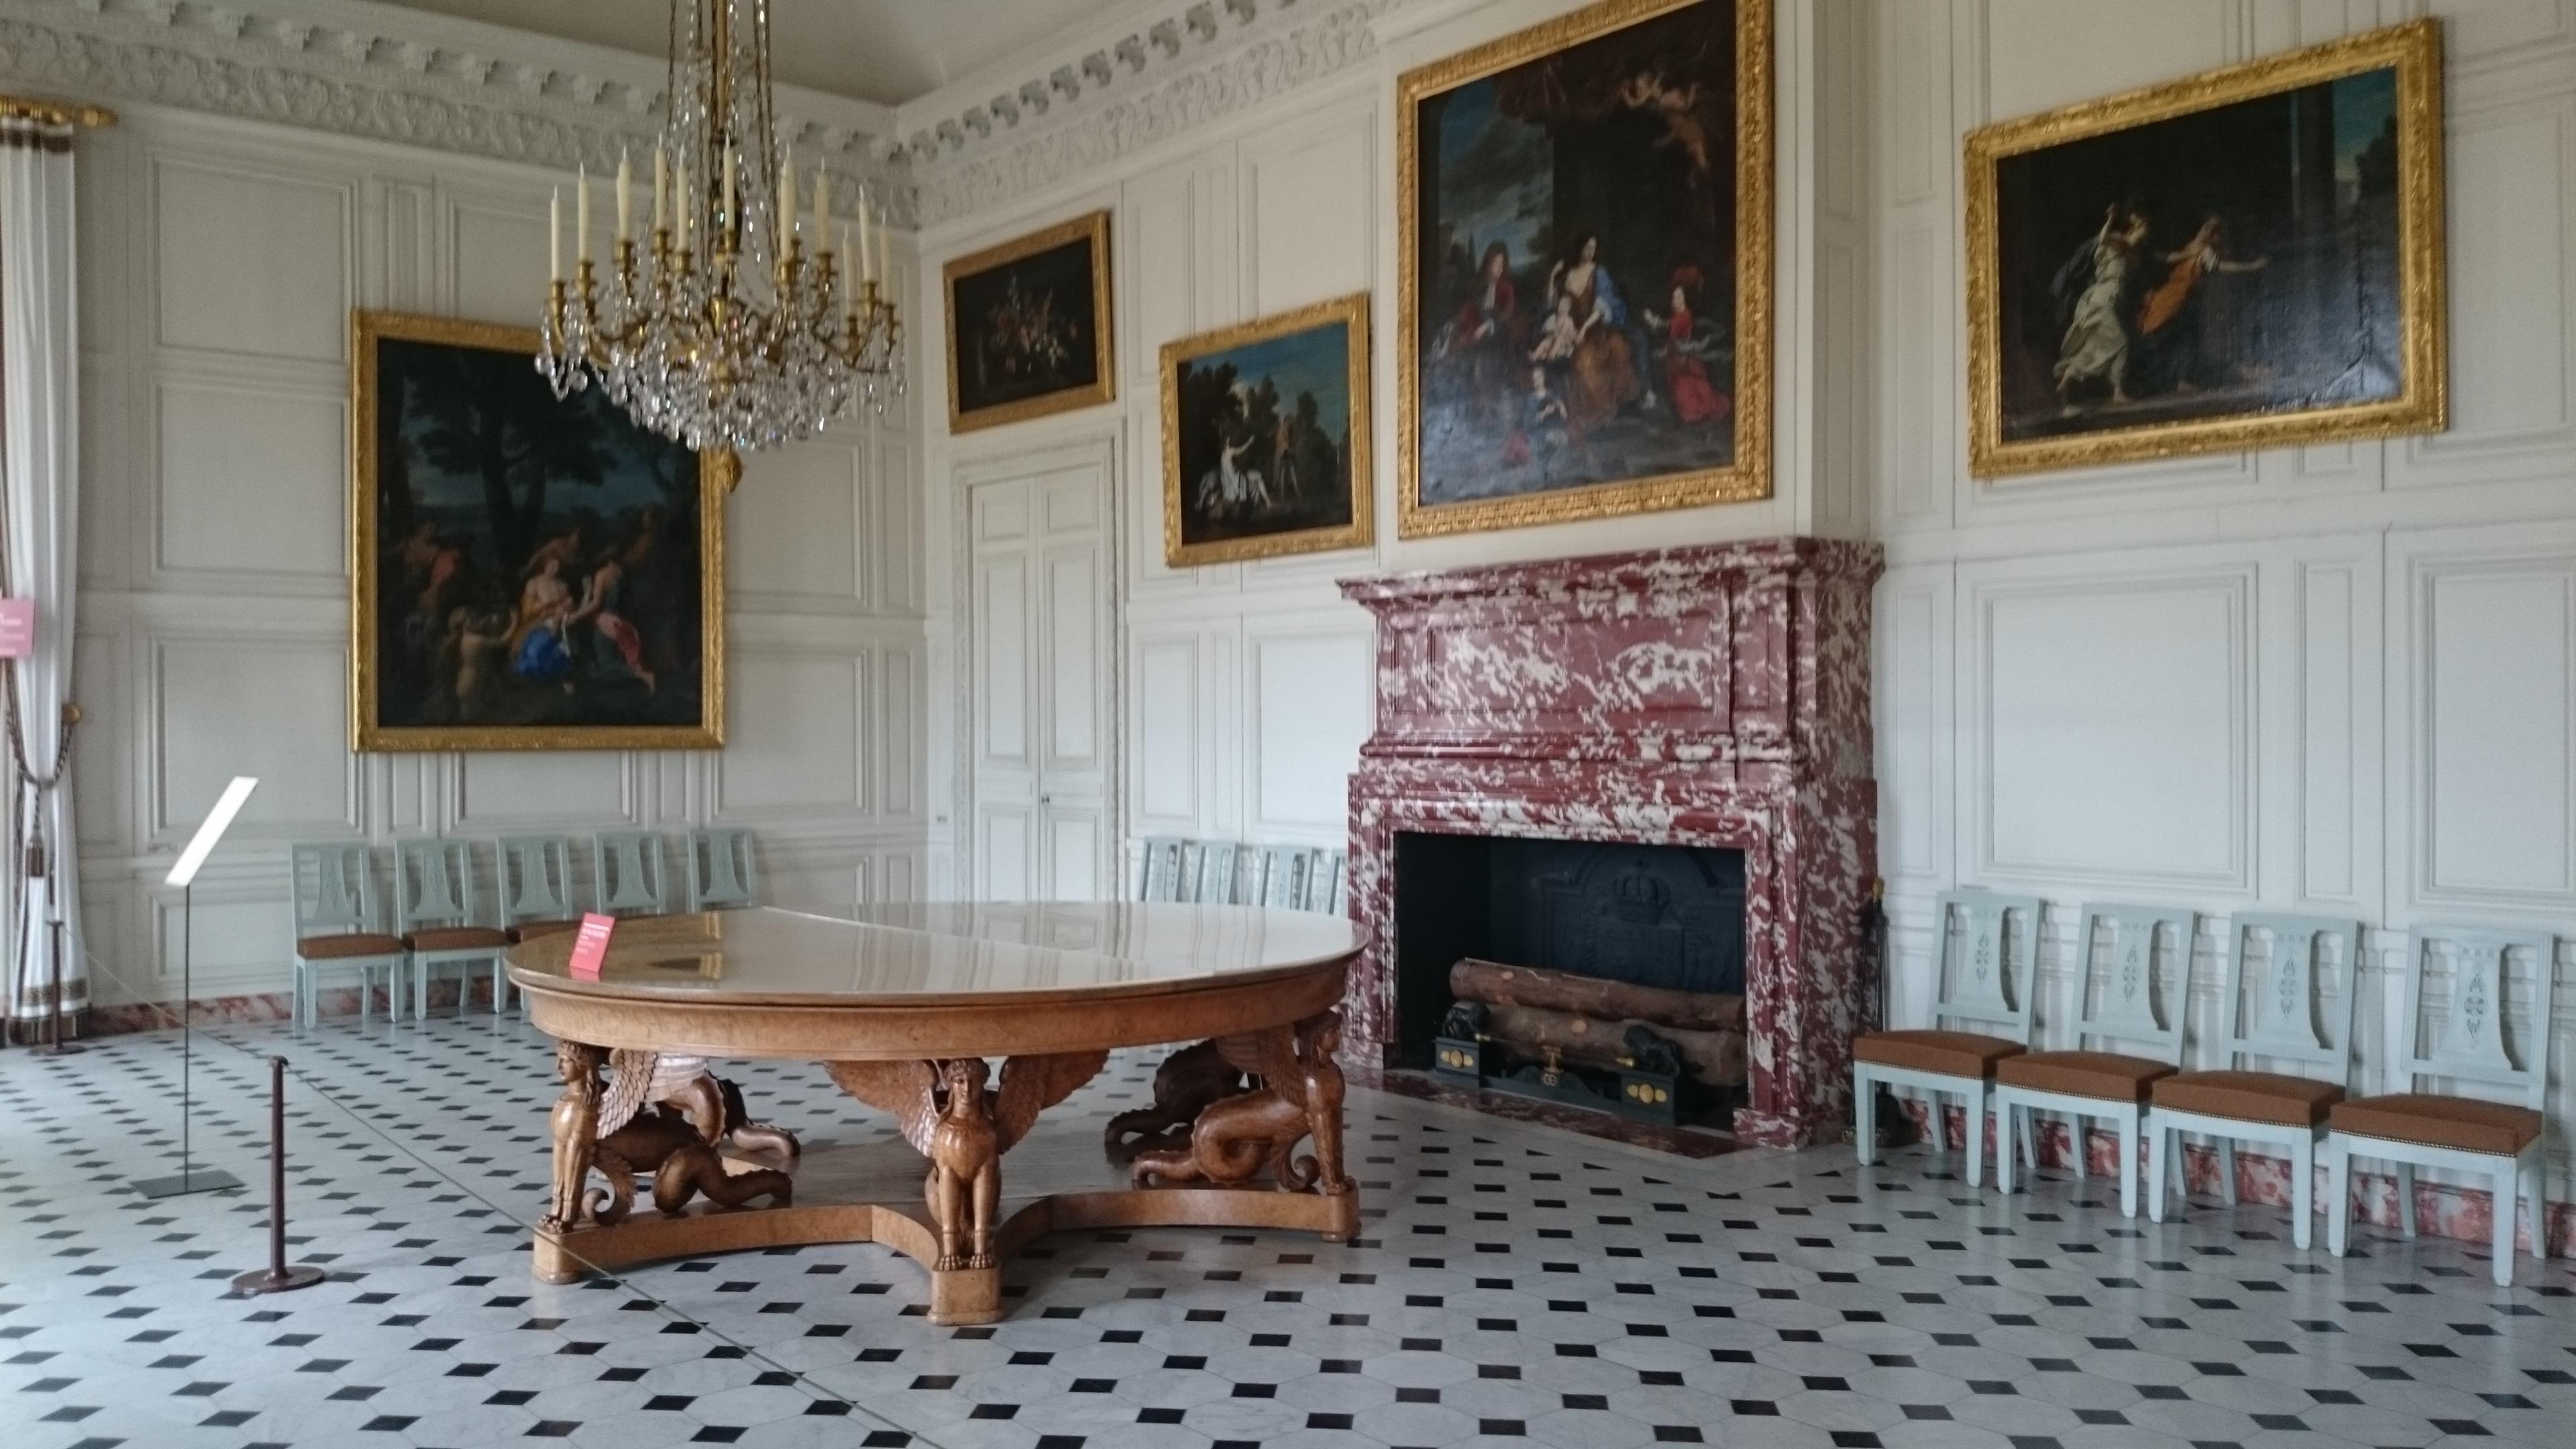 dsc 1207 - Visita al Palacio de Versalles: Como ir, cuanto cuesta y tips II/III